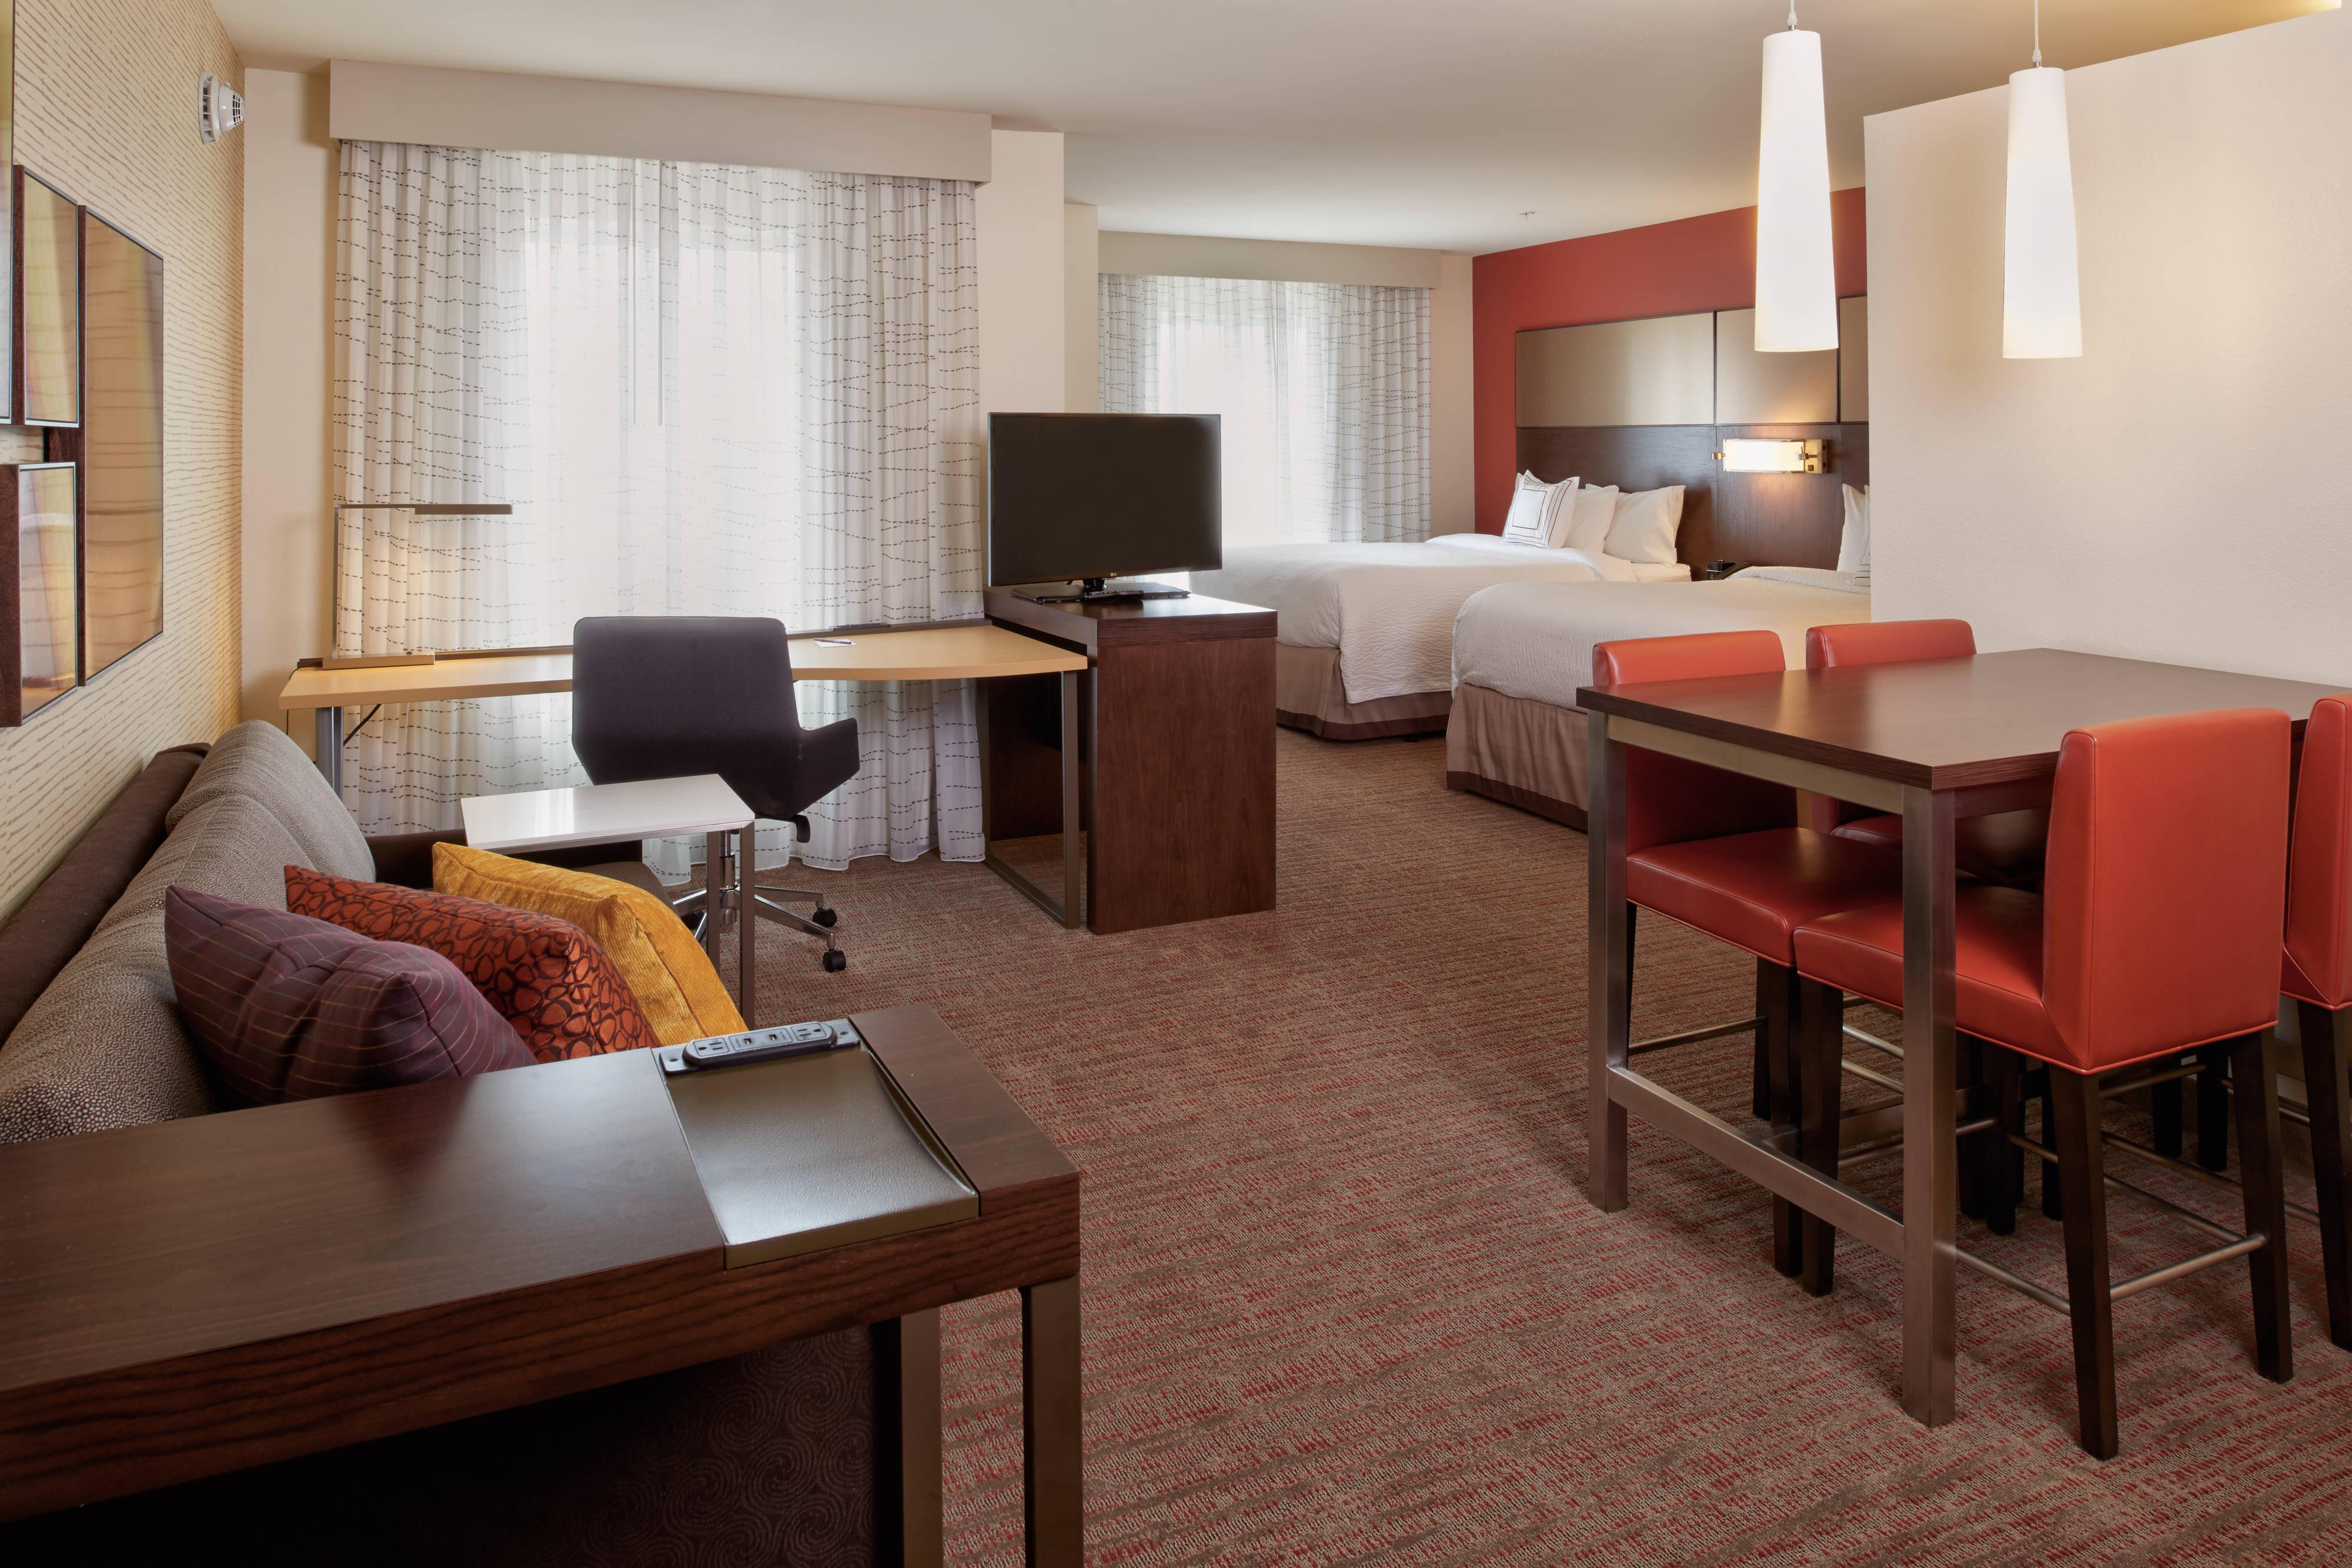 hardwood floor store bolingbrook il of residence inn chicago bolingbrook bolingbrook extended stay hotels pertaining to queen queen studio suite